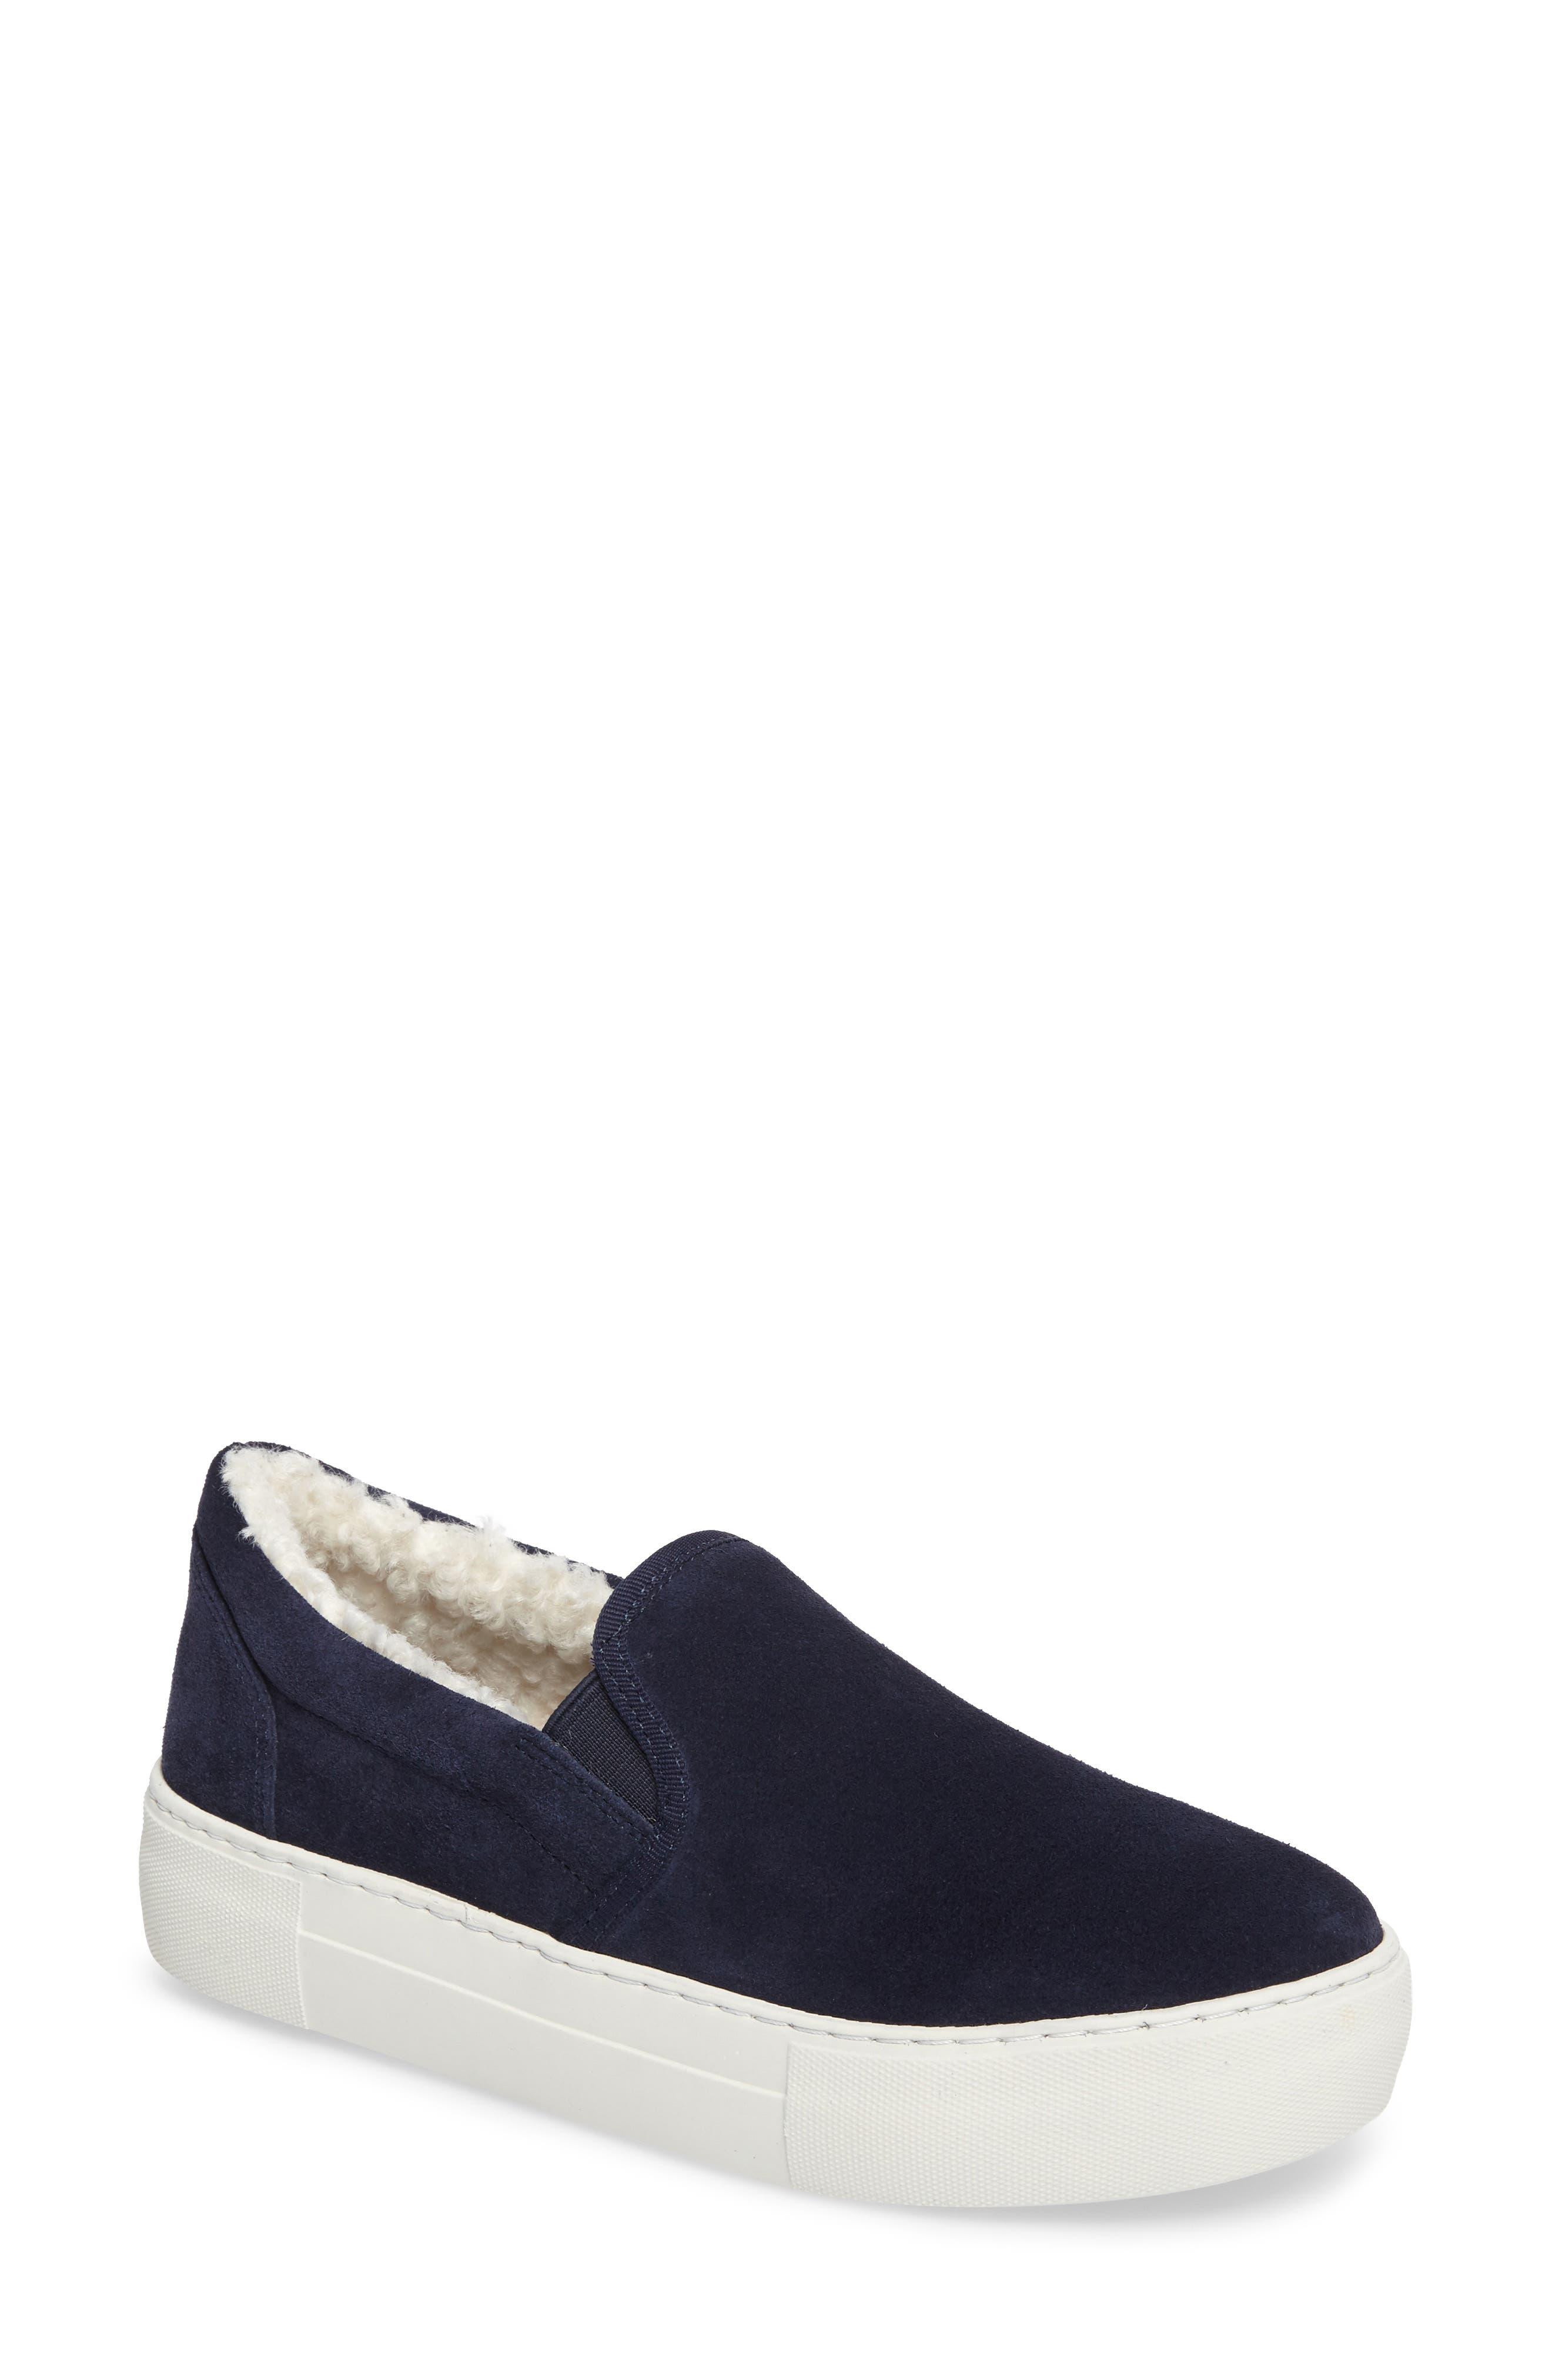 JSlides Arpel Faux Fur Lined Slip-On Sneaker (Women)